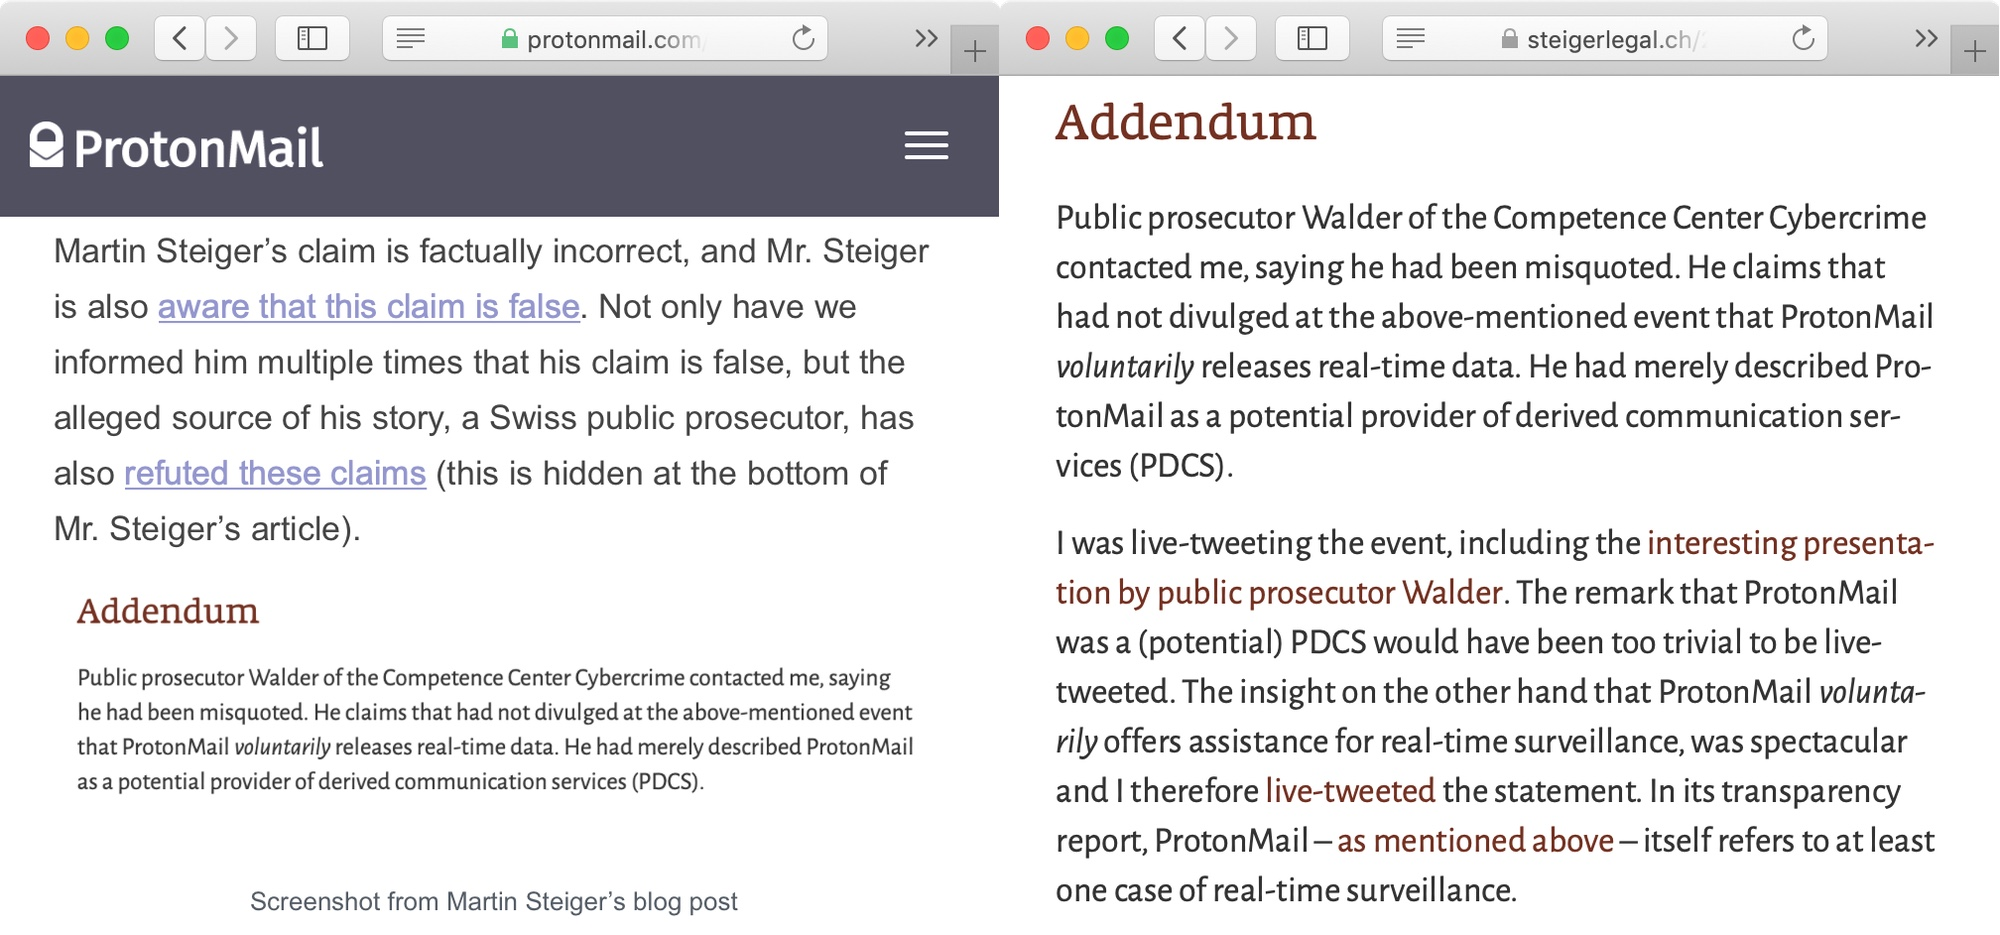 ProtonMail bietet freiwillig Hand für Echtzeit-Überwachungen